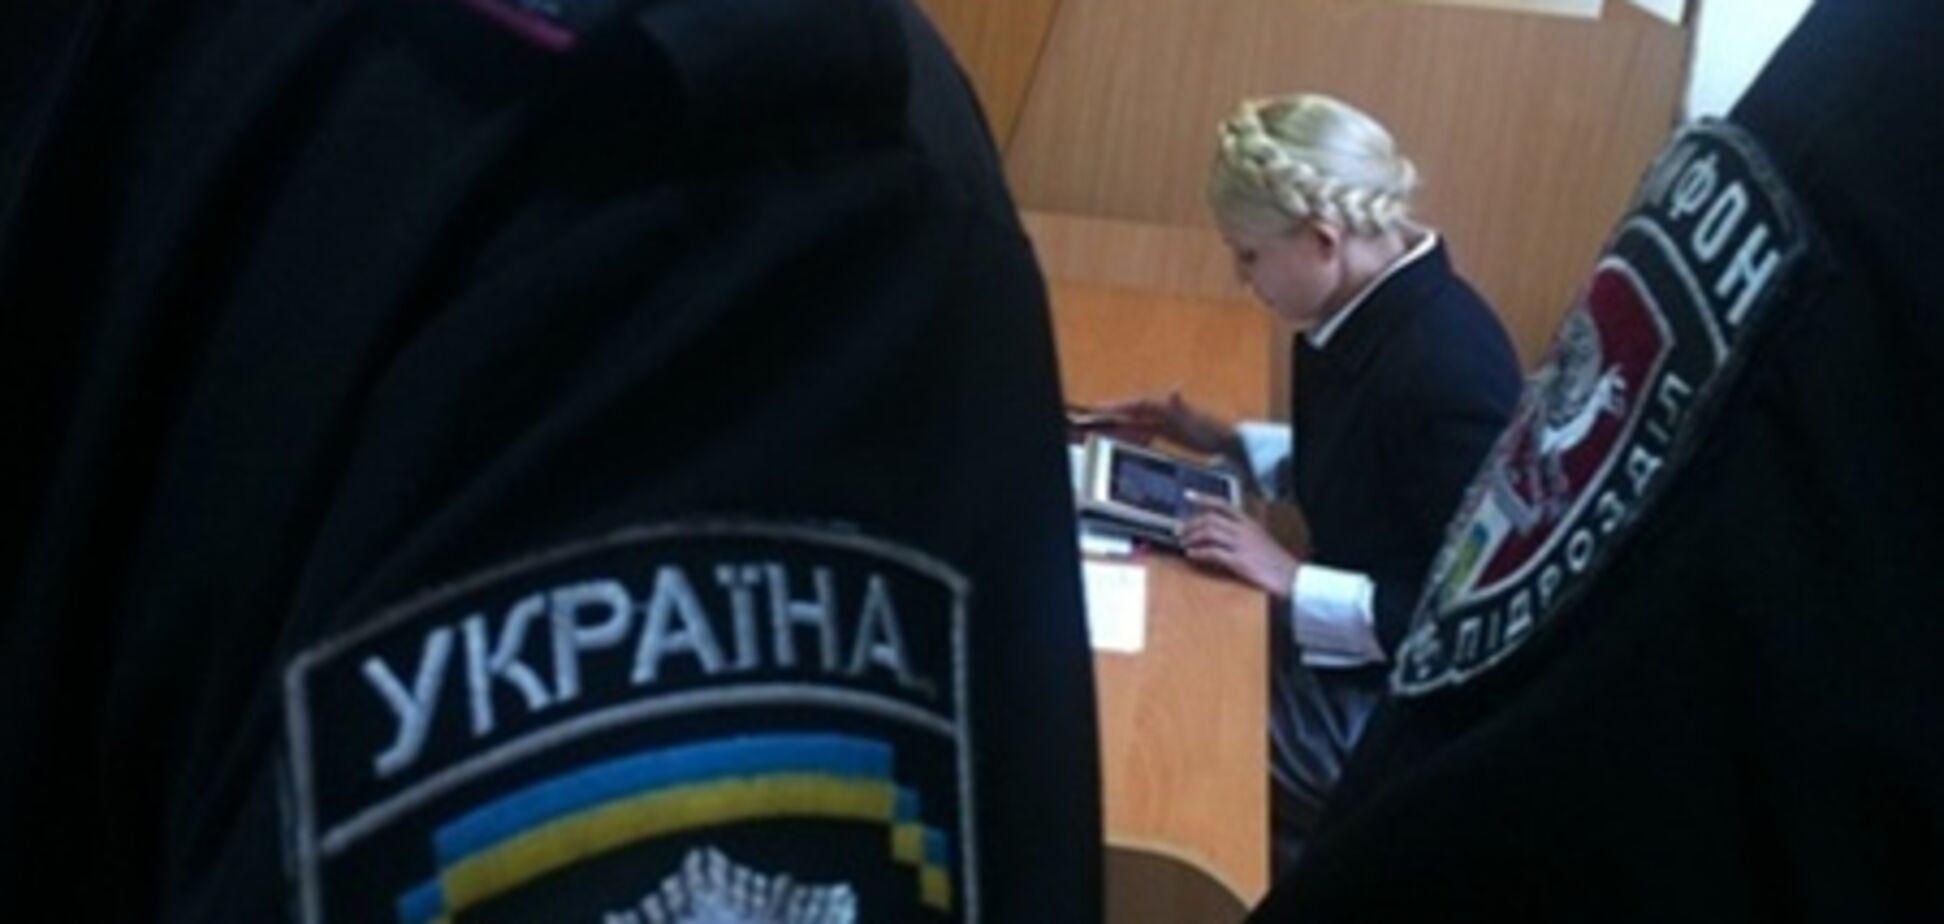 Власенко: Тимошенко повідомили про призупинення слідства у справі Щербаня 7 травня